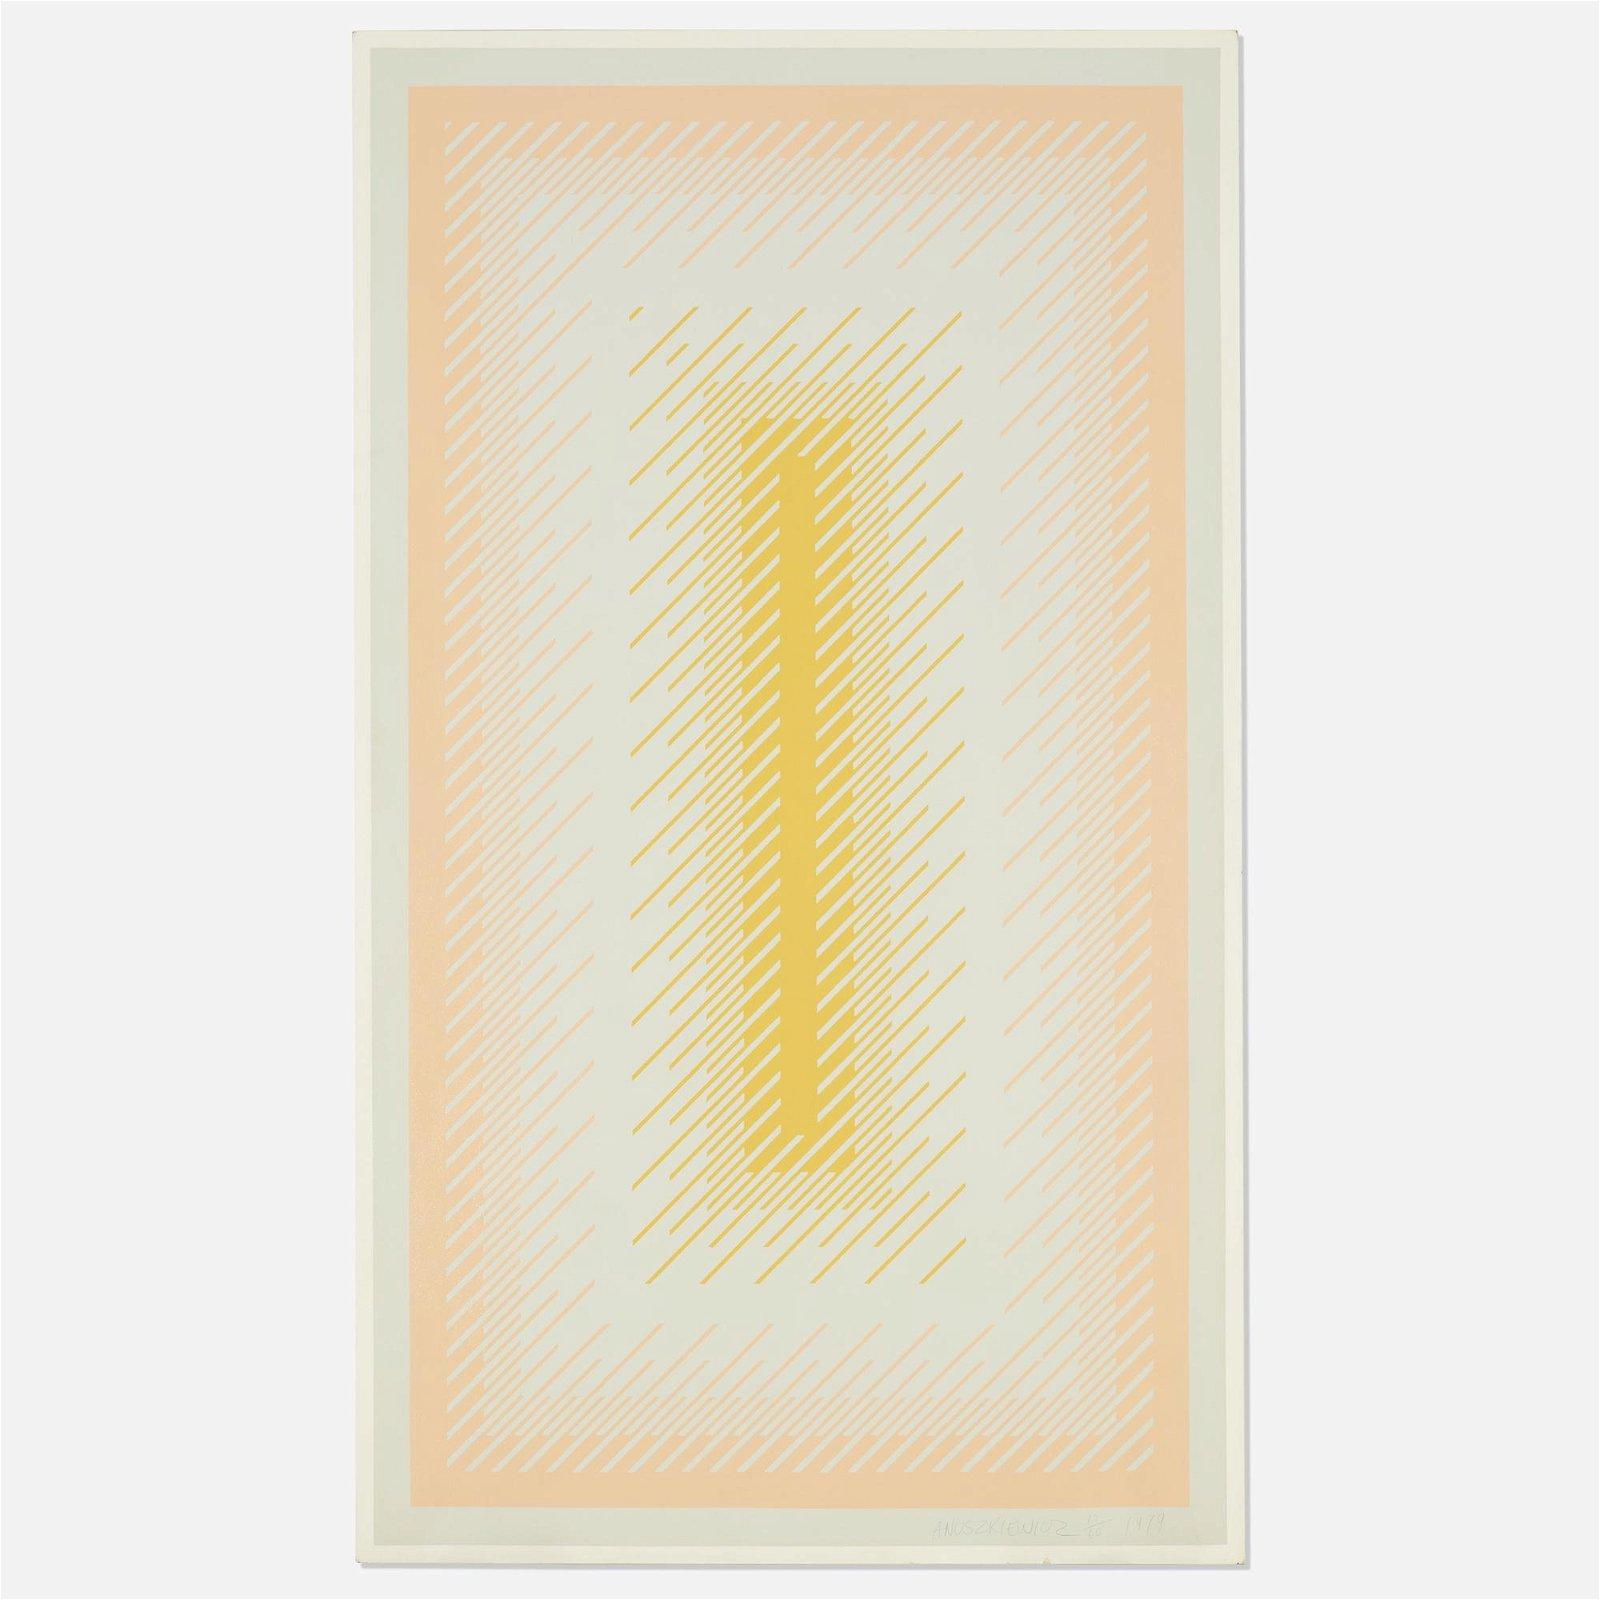 Richard Anuszkiewicz, Reflections IV - Grey